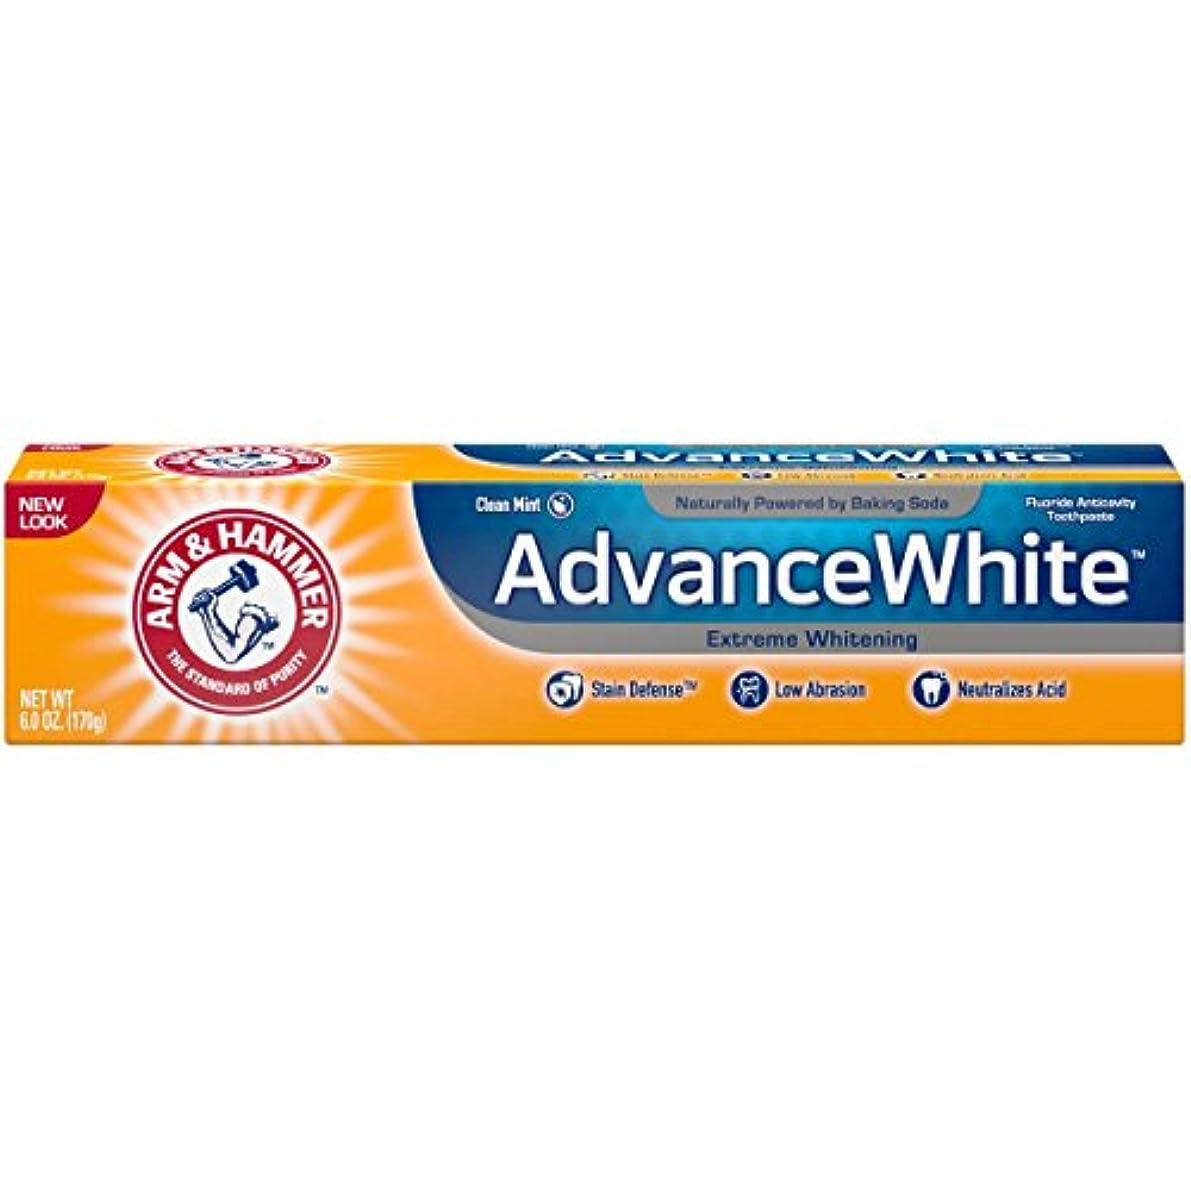 恥ドット虫Arm & Hammer アドバンスホワイトエクストリームホワイトニングで染色防衛の歯磨き粉、6オズ(3パック) 3パック